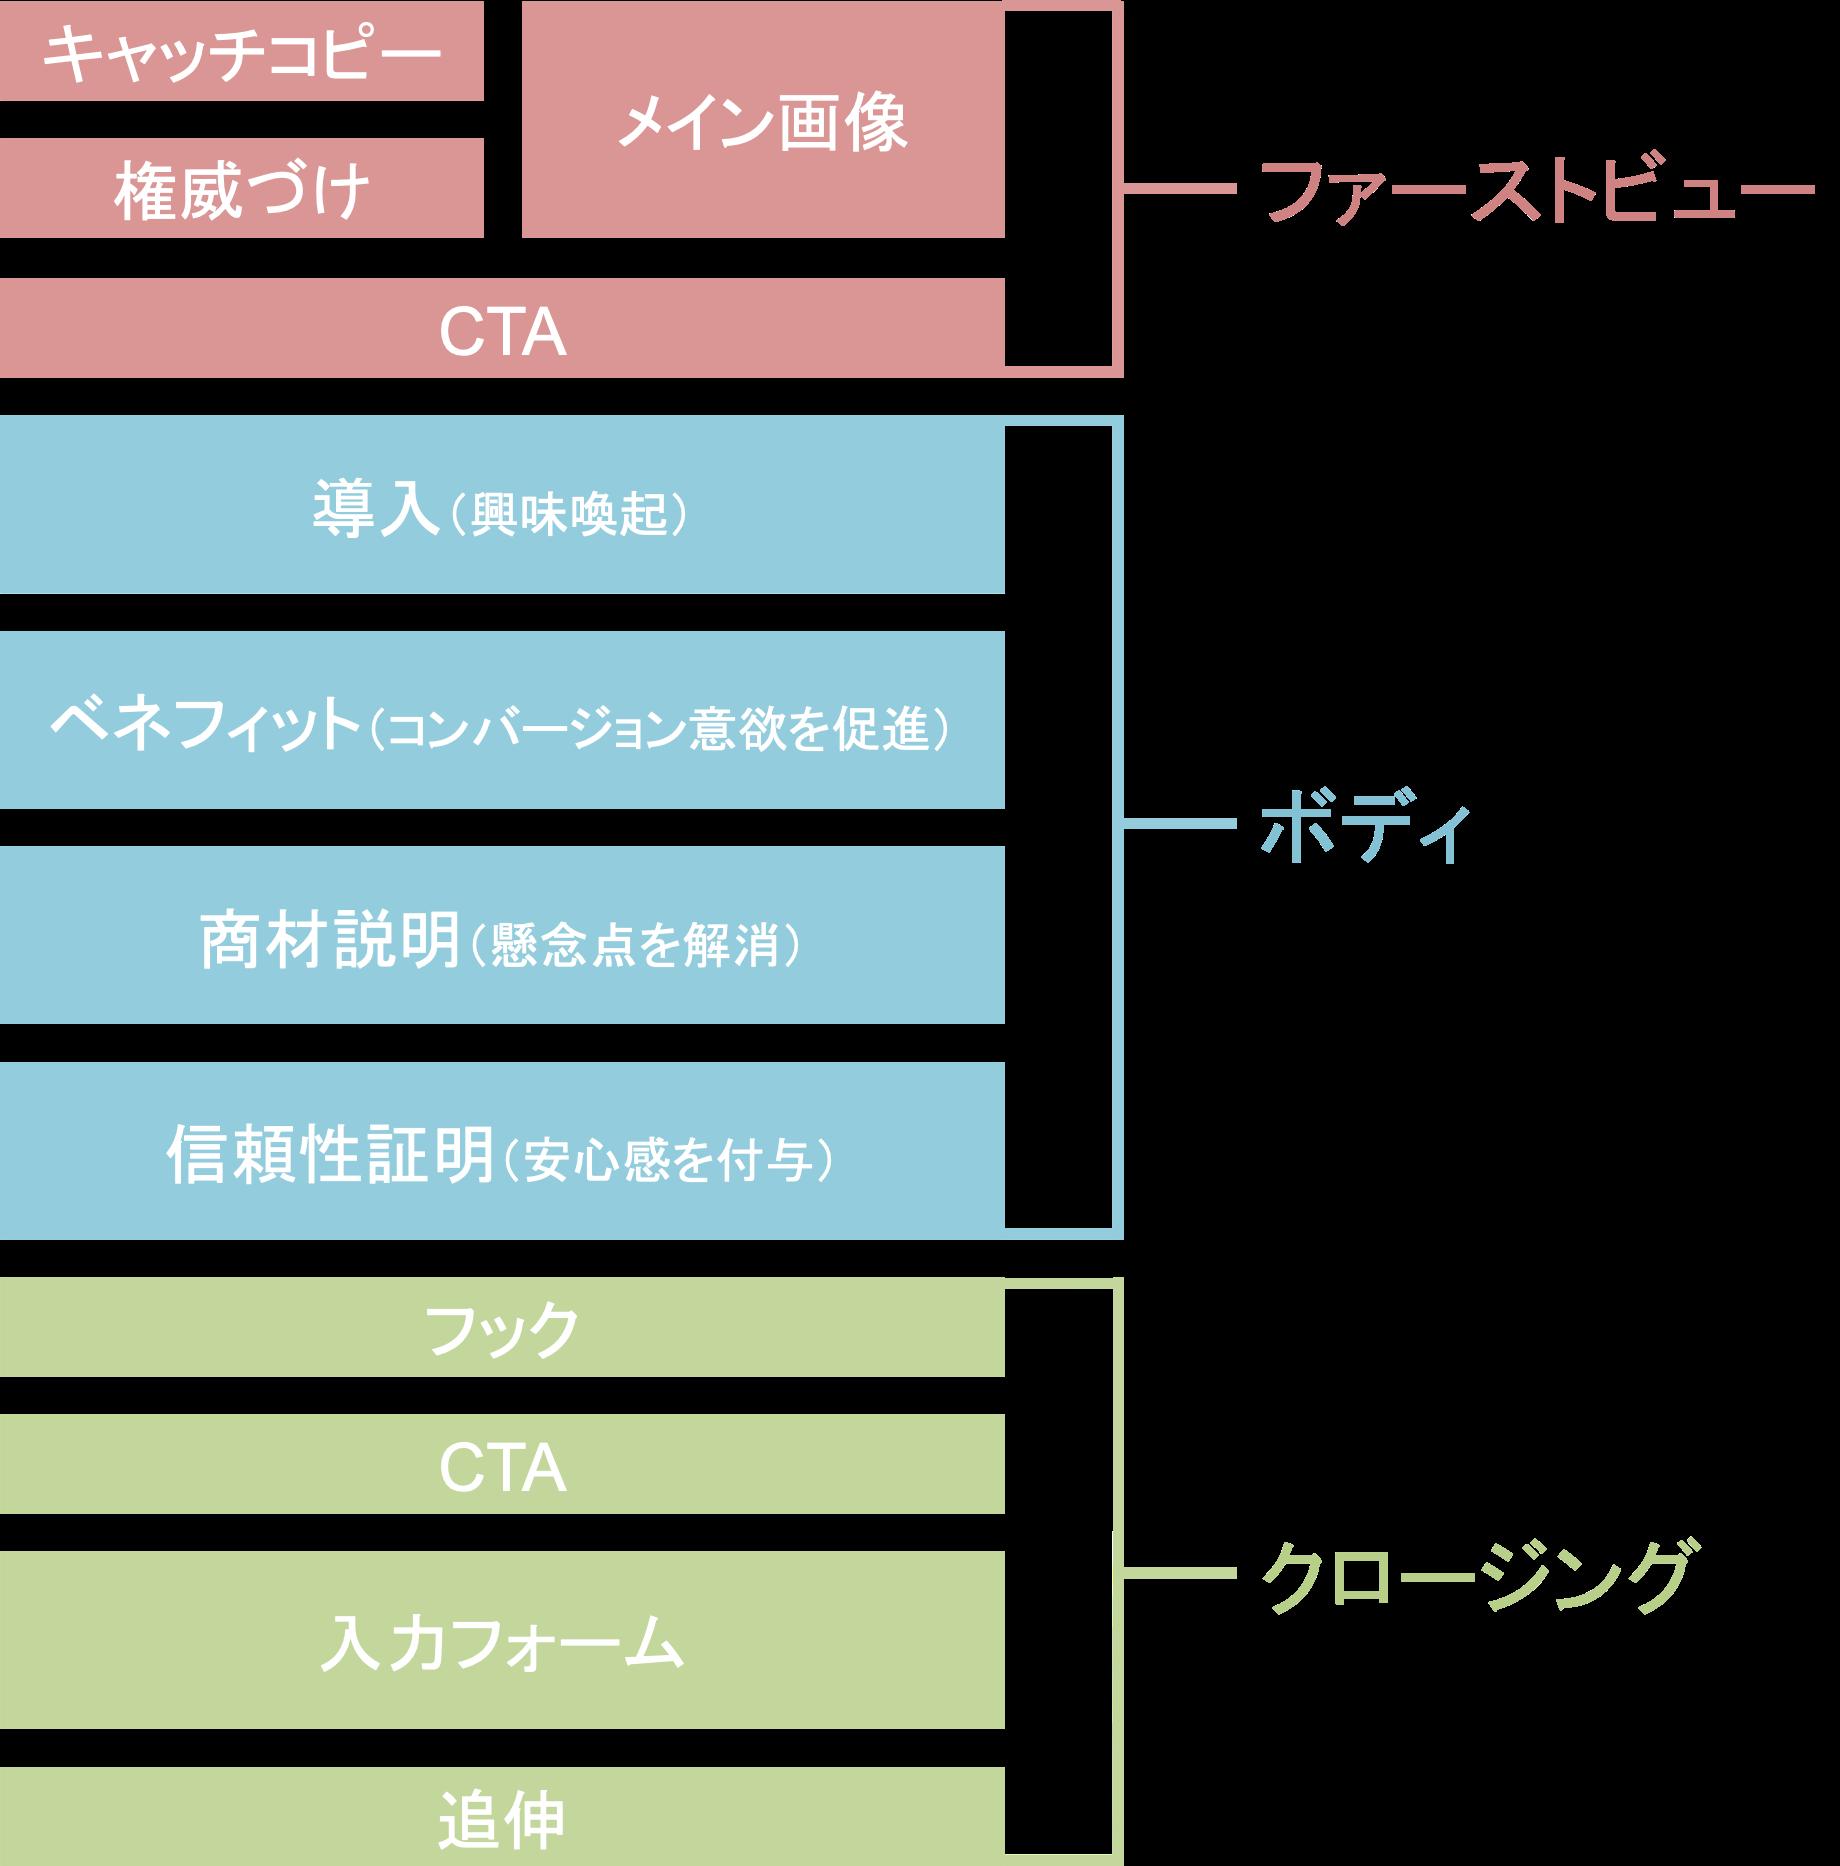 ランディングページ(LP)の構成要素の説明図